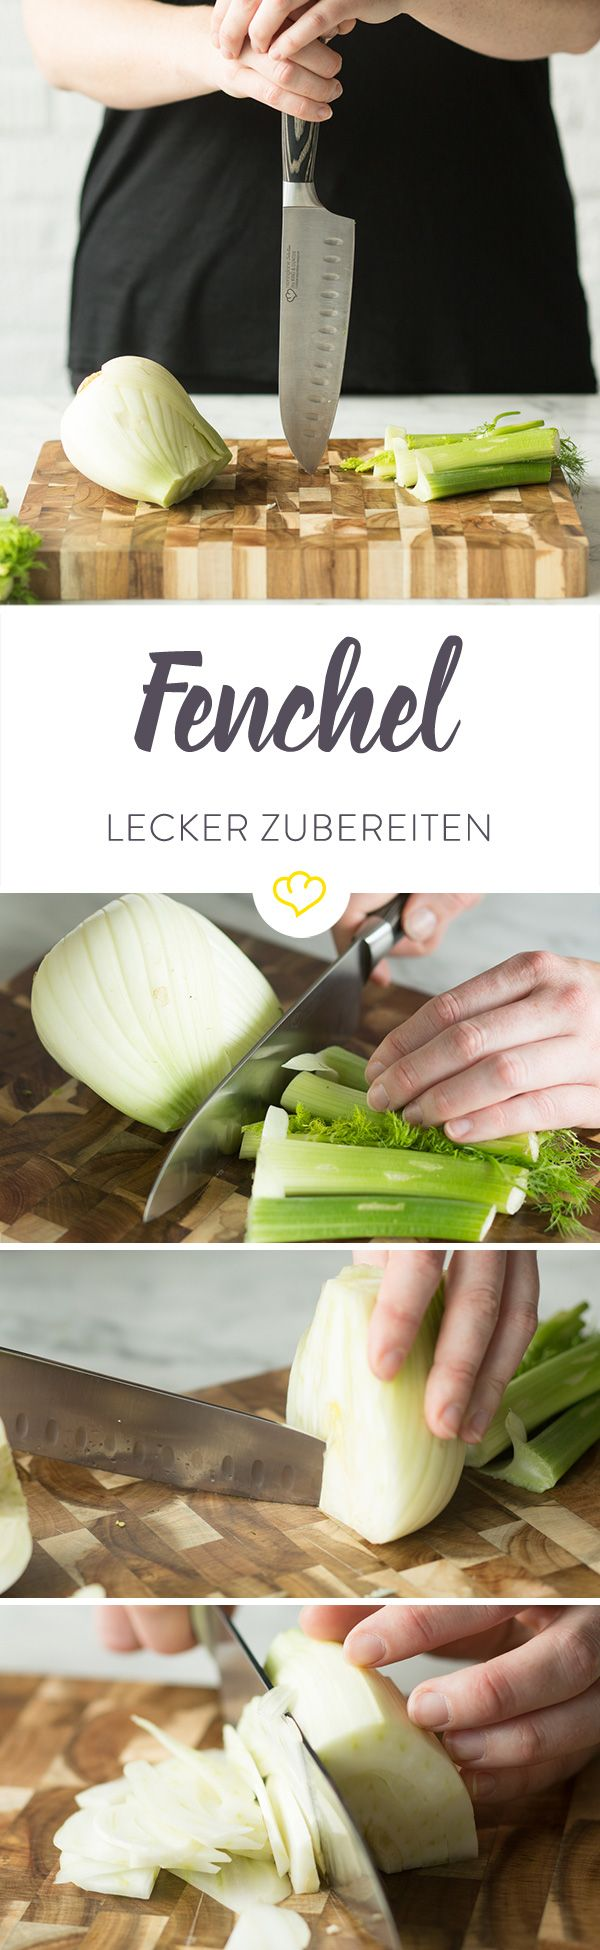 Du kennst Fenchel nur aus dem Teebeutel? Das sollte sich flott ändern - mit diesen Tipps landet er schon bald als schmackhafte Mahlzeit auf deinem Teller.